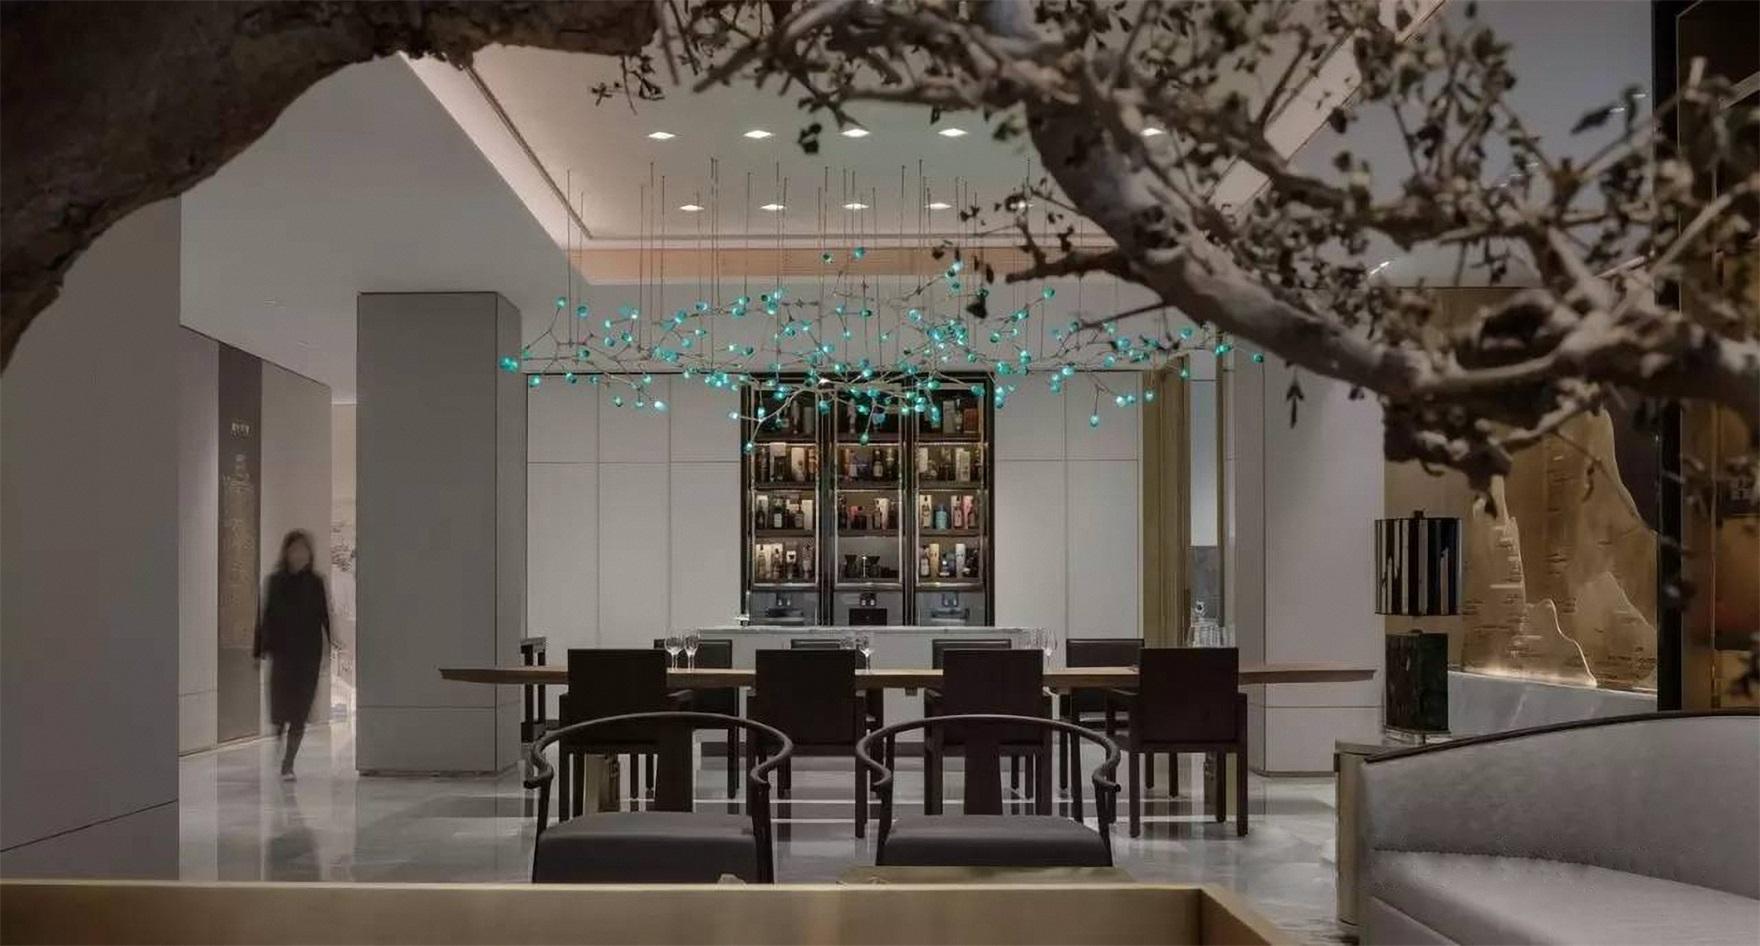 室内面积宽敞,利用敞开式的手法让客厅与餐厅产生和谐的互动,动线设计更加完整。